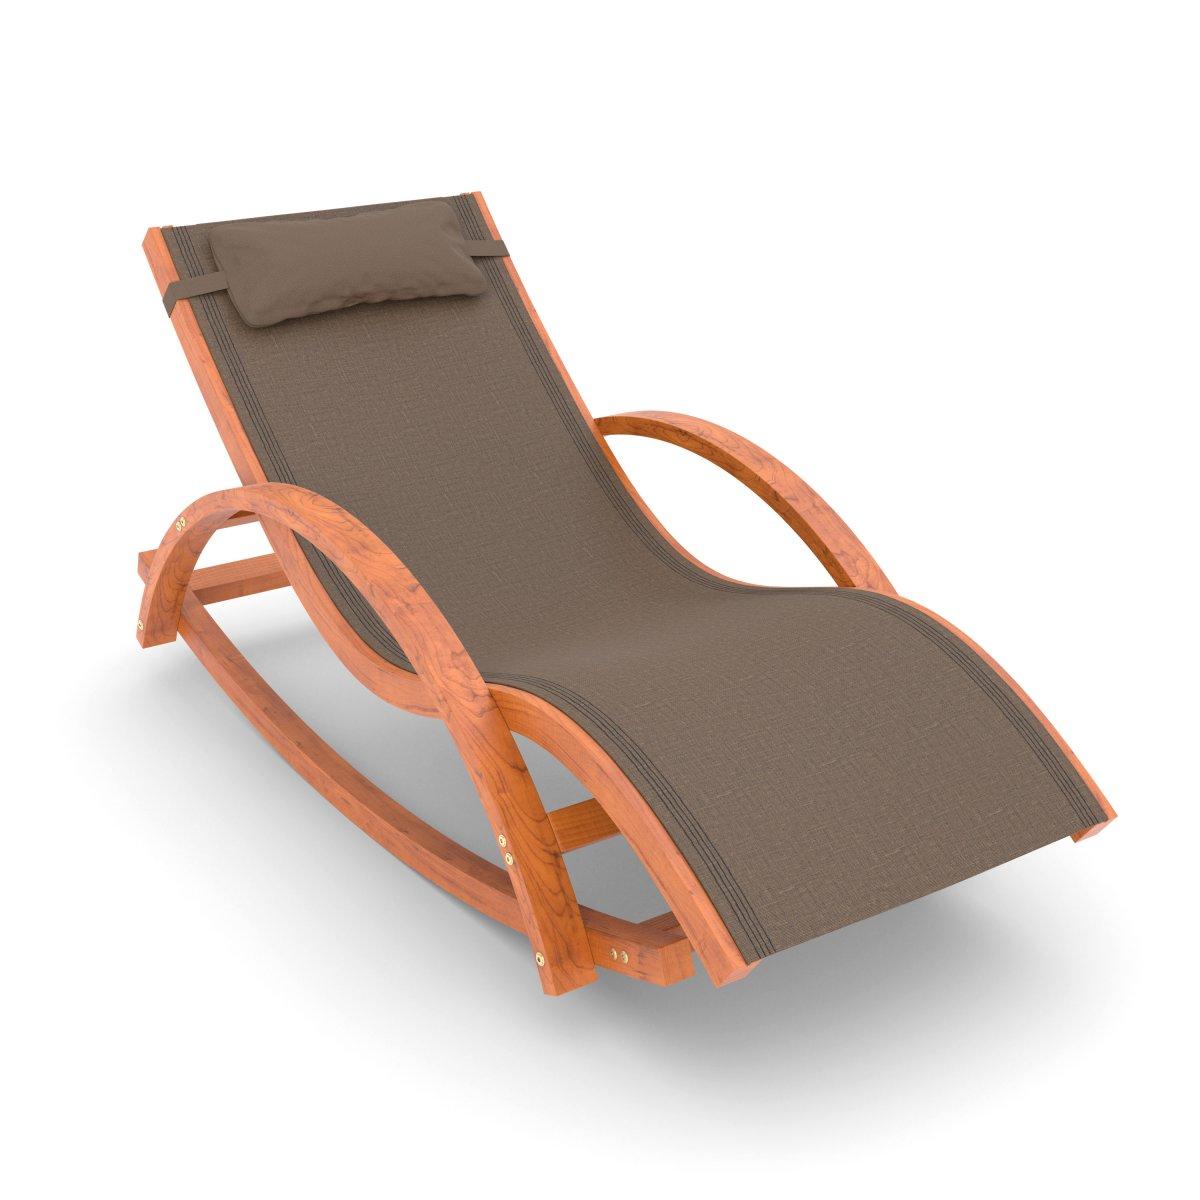 Schaukel und liegestuhl rio 170x70 cm mit kopfkissen - Schaukel liegestuhl ...